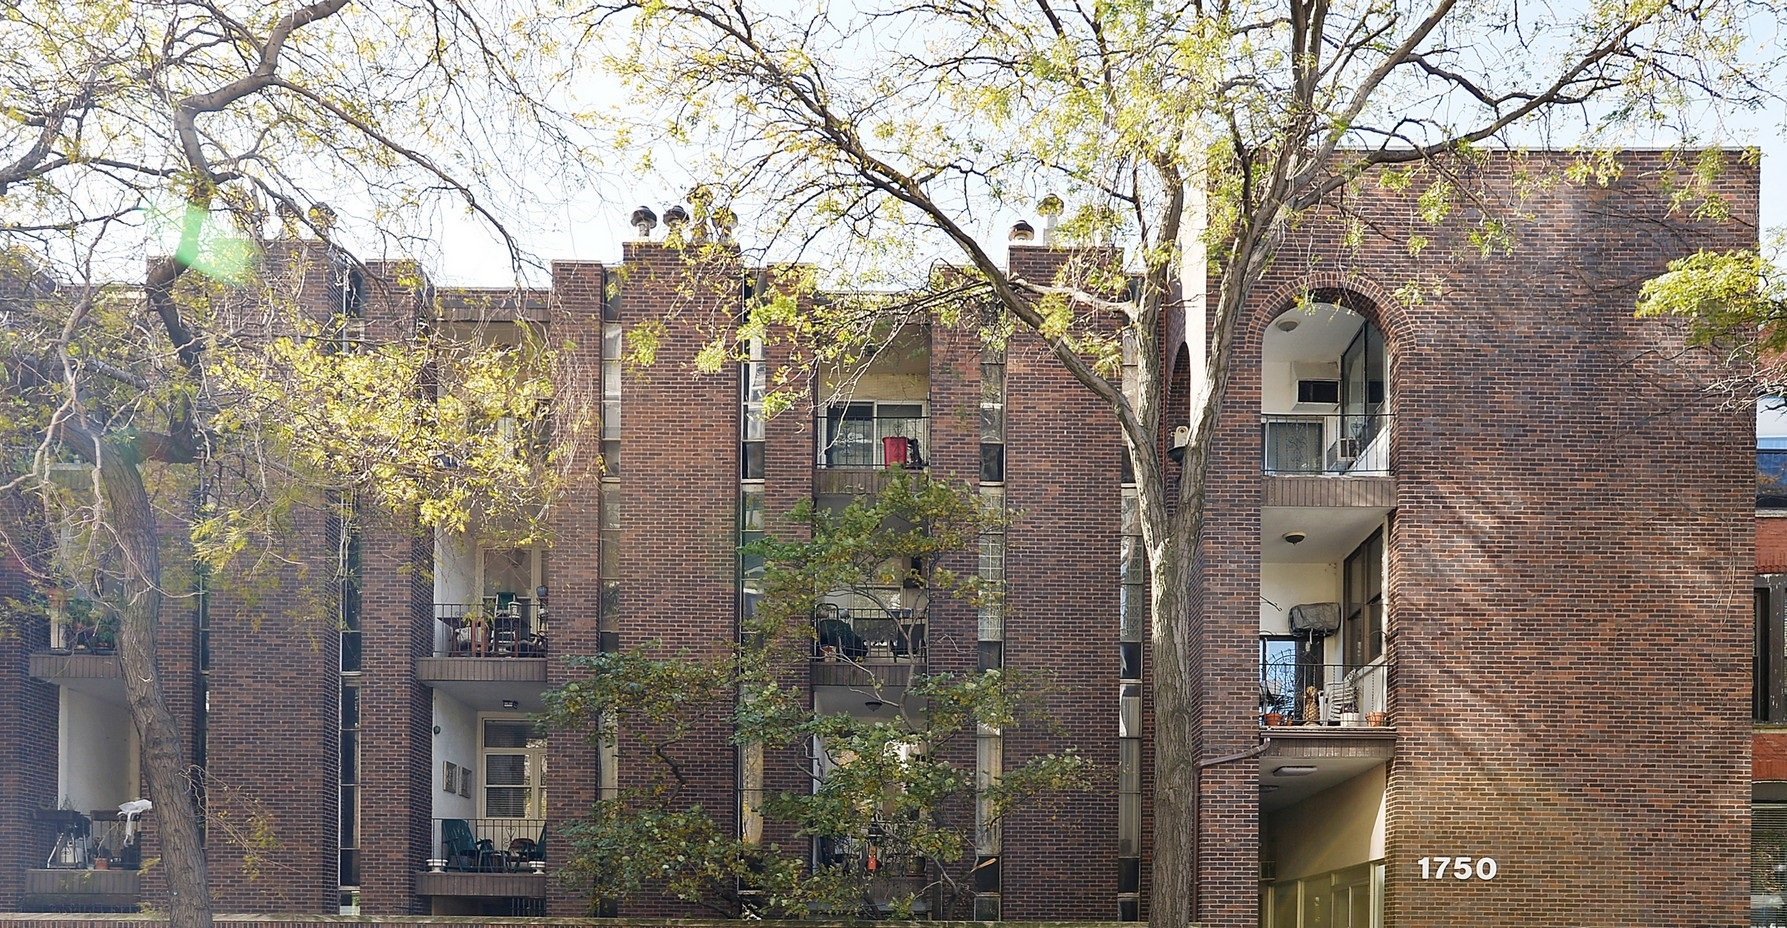 コンドミニアム のために 売買 アット Old Town Condo 1750 N Wells Street Unit 101 Near North Side, Chicago, イリノイ 60610 アメリカ合衆国